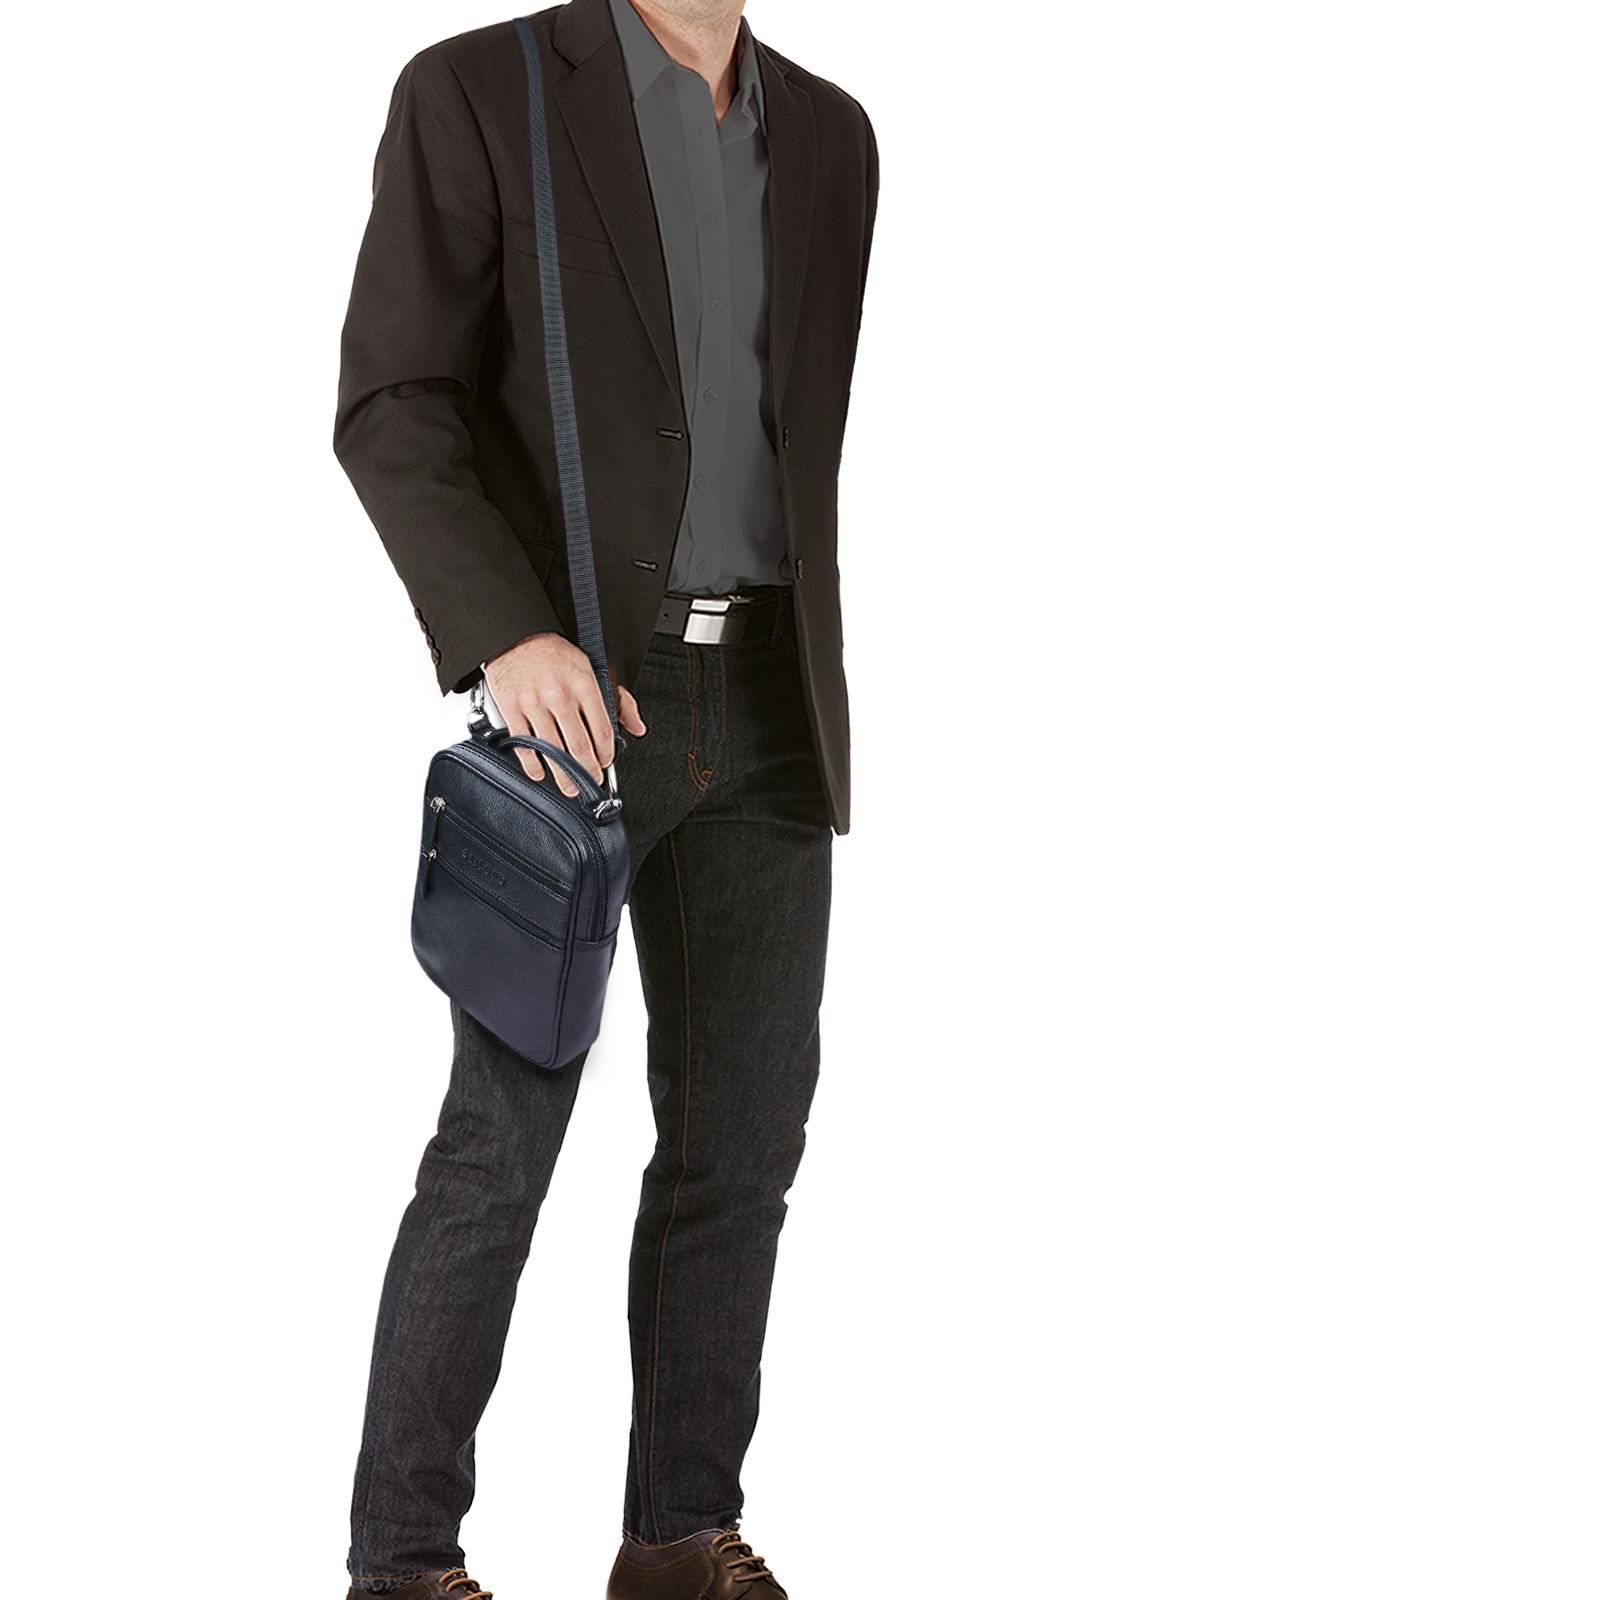 """STILORD """"Mats"""" Herren Handtasche Leder Vintage kleine Messenger Bag mit Tragegriff Tablettasche für 9.7 Zoll iPad DIN A5 Dokumente Umhängetasche aus echtem Leder - Bild 10"""